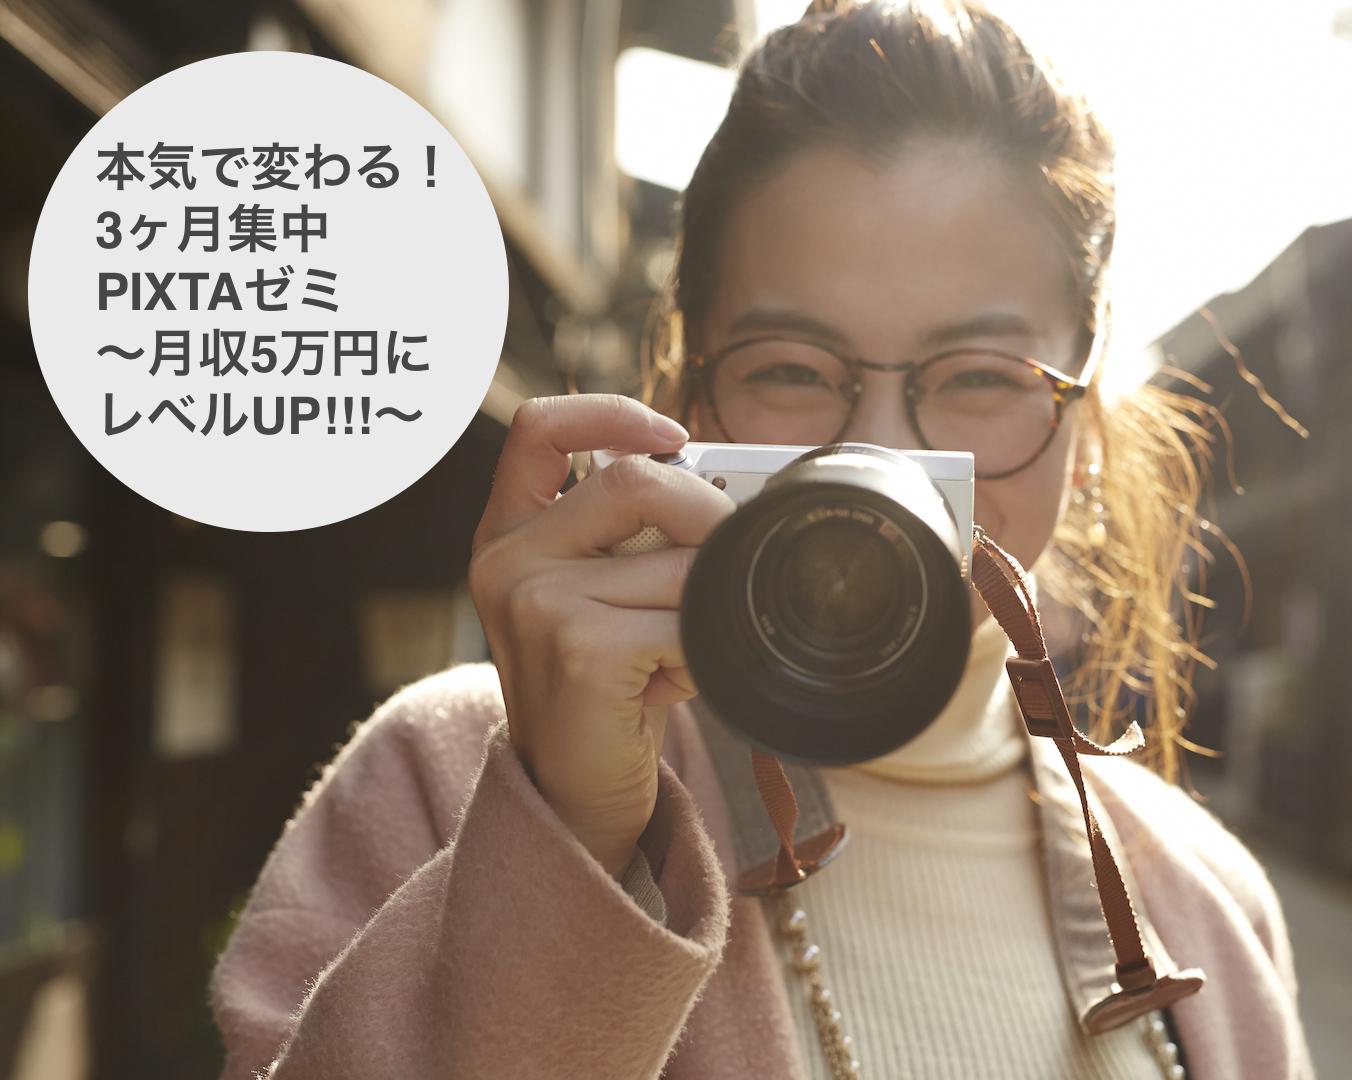 本気で変わる!3ヶ月集中 PIXTAゼミ 〜月収5万円にレベルUP!〜